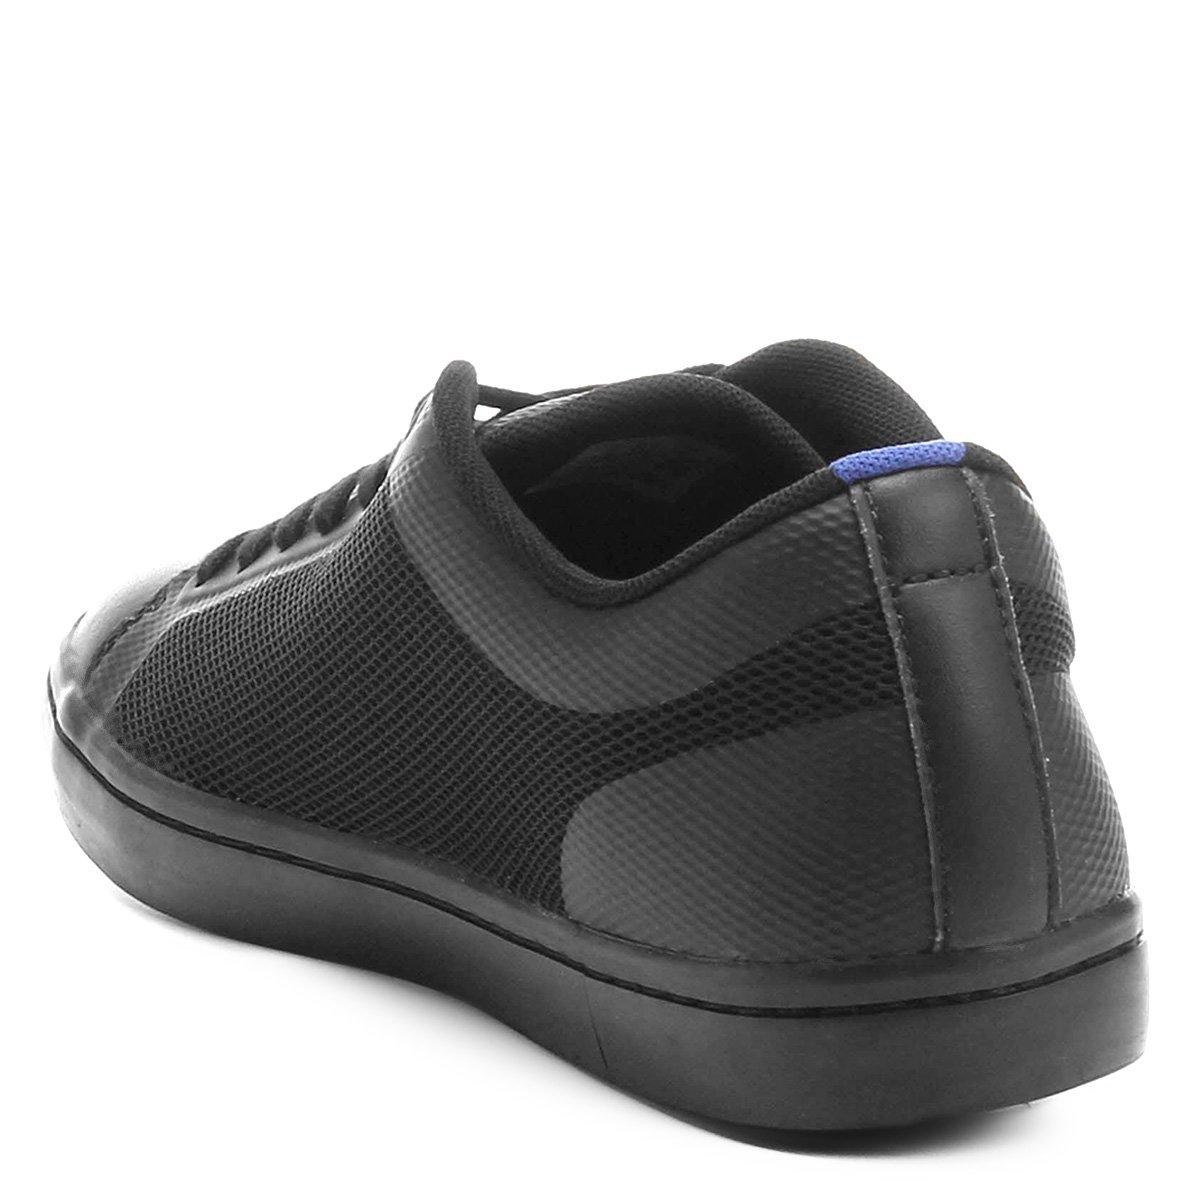 Sapatênis Lacoste Sport II - Compre Agora   Zattini 573cc425f5